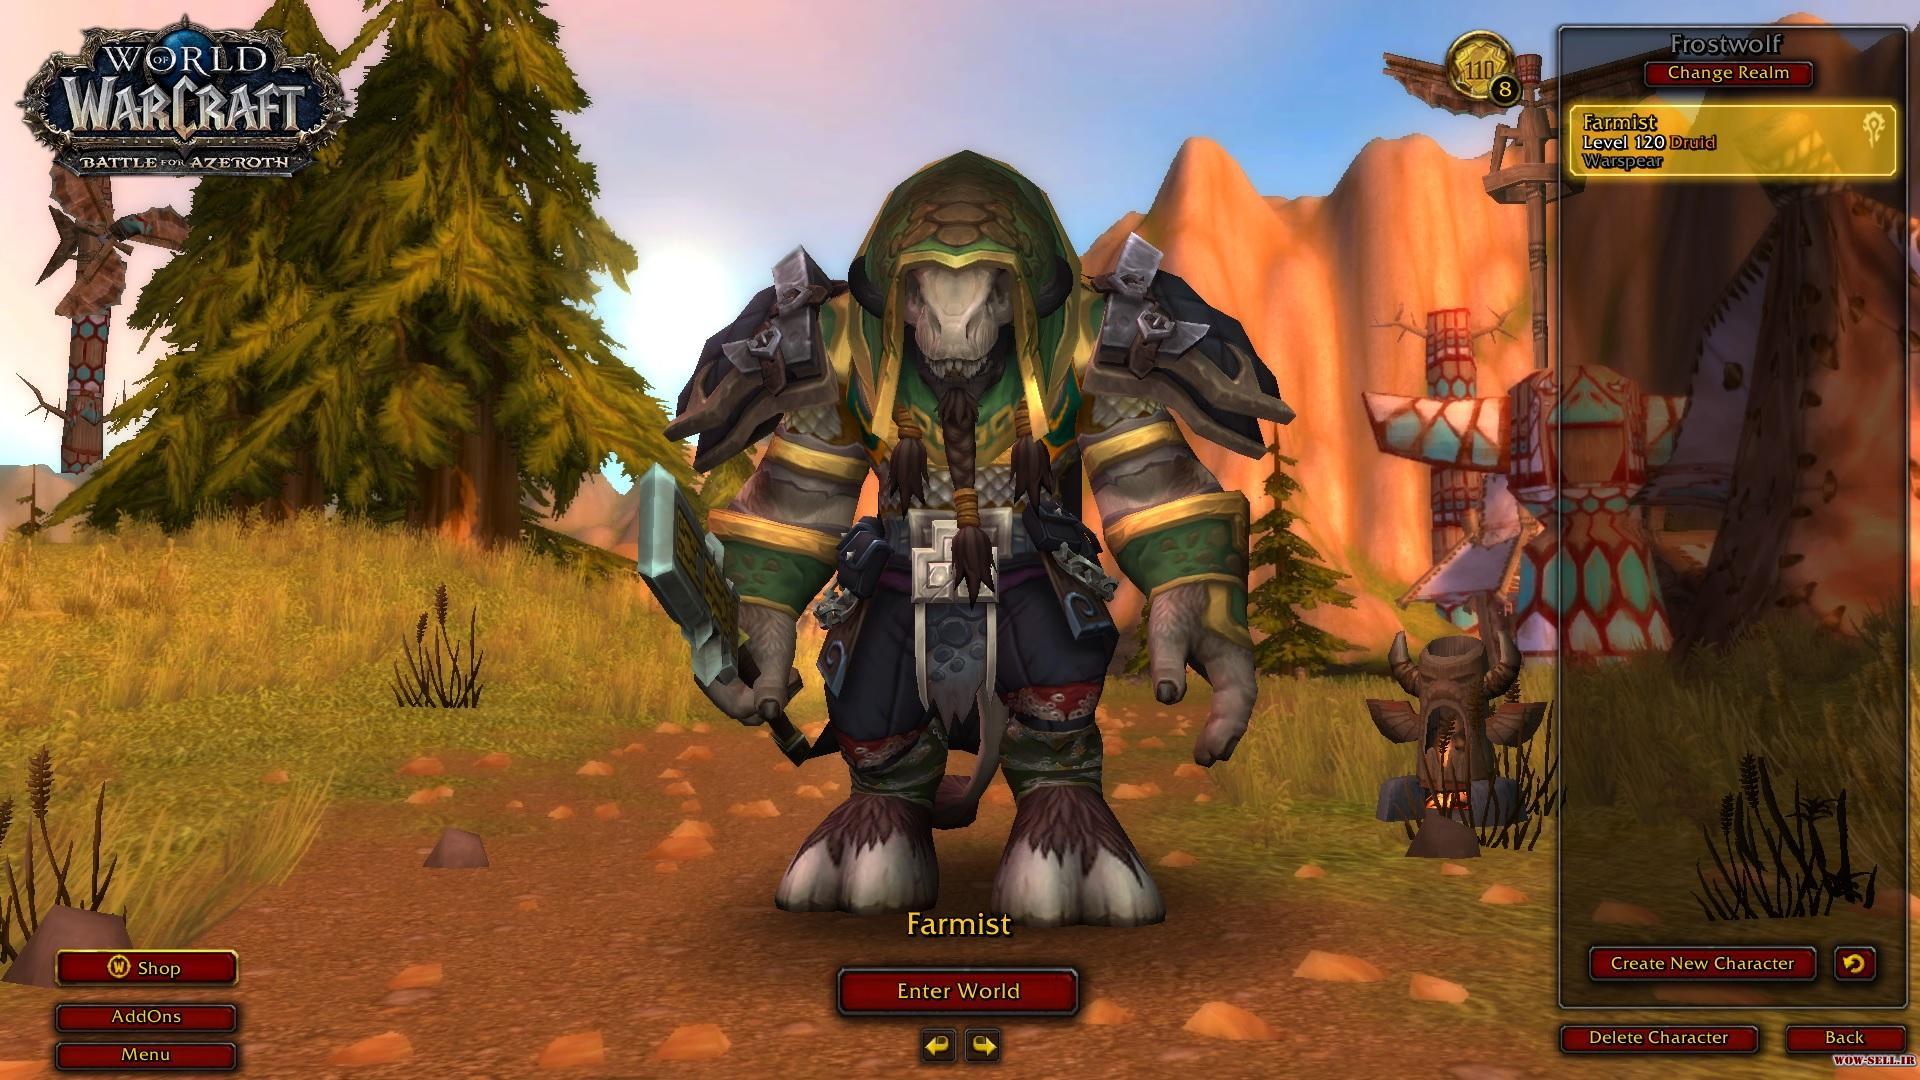 فروش اکانت wow - کد 1147 - کلاس Druid - دارای 8 اکانت فارم + دارای نسخه بازی Shadowlands - سرور Battle.net